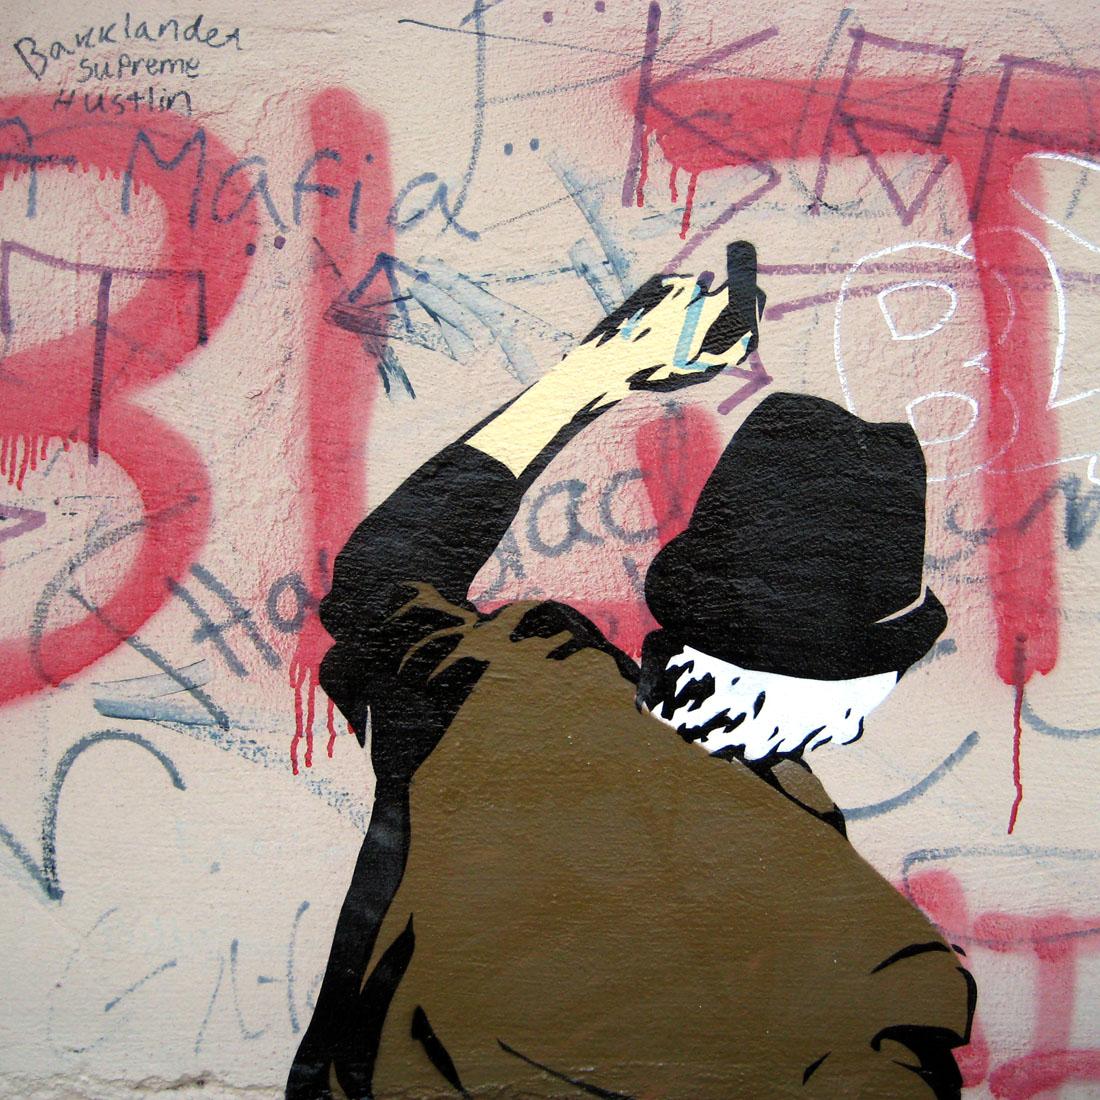 oude man aan het tekenen op de muur